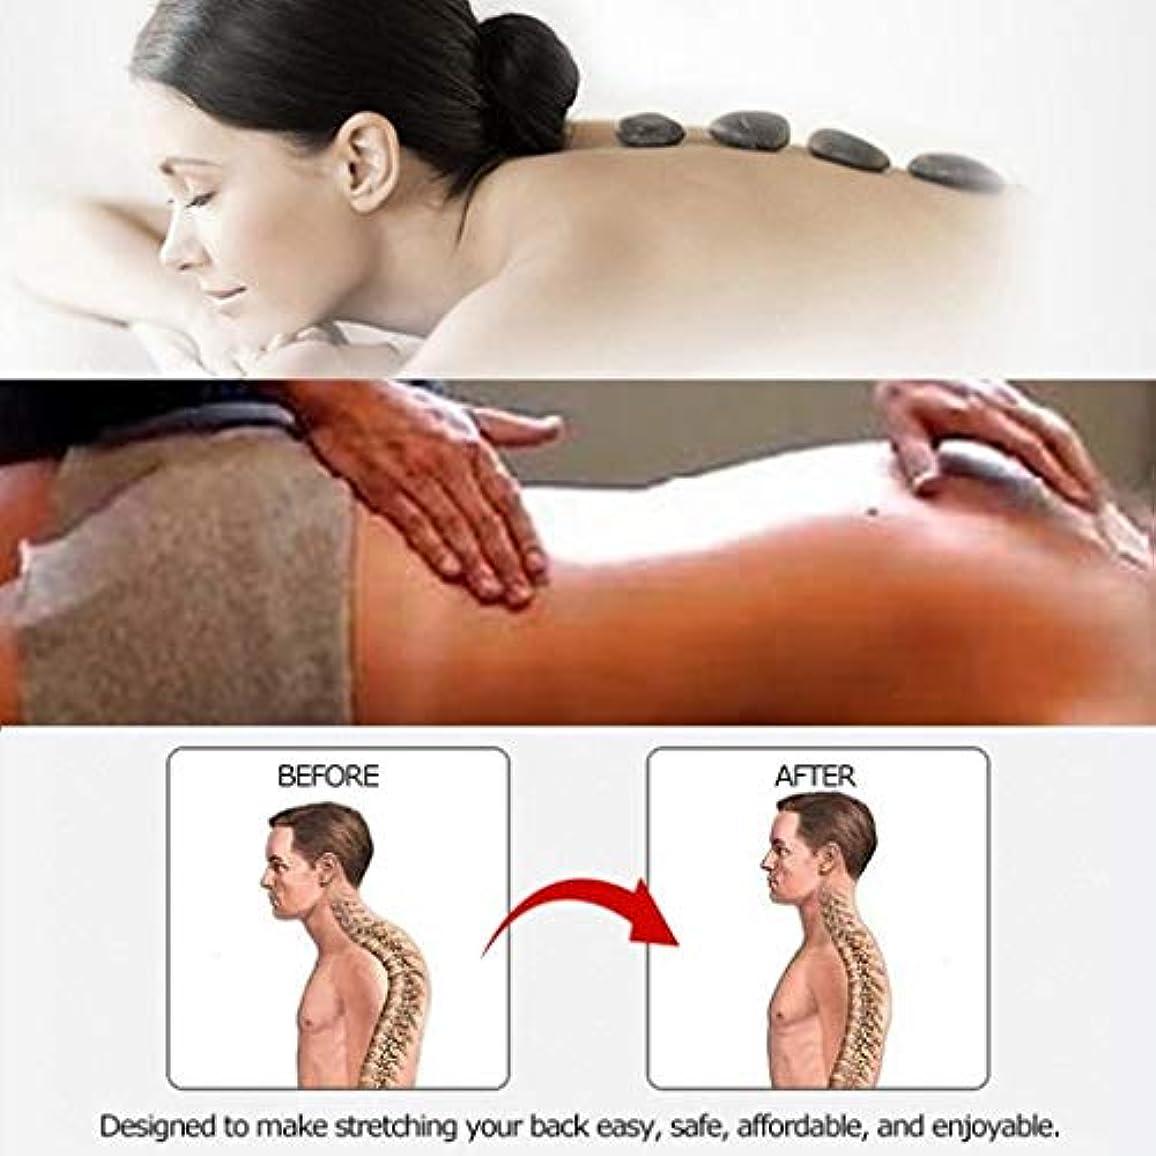 ナビゲーション剃るバナーバックランバーサポート、マルチステージバックストレッチングデバイス、背中の痛みを和らげる、筋肉痛の軽減 (Color : E)